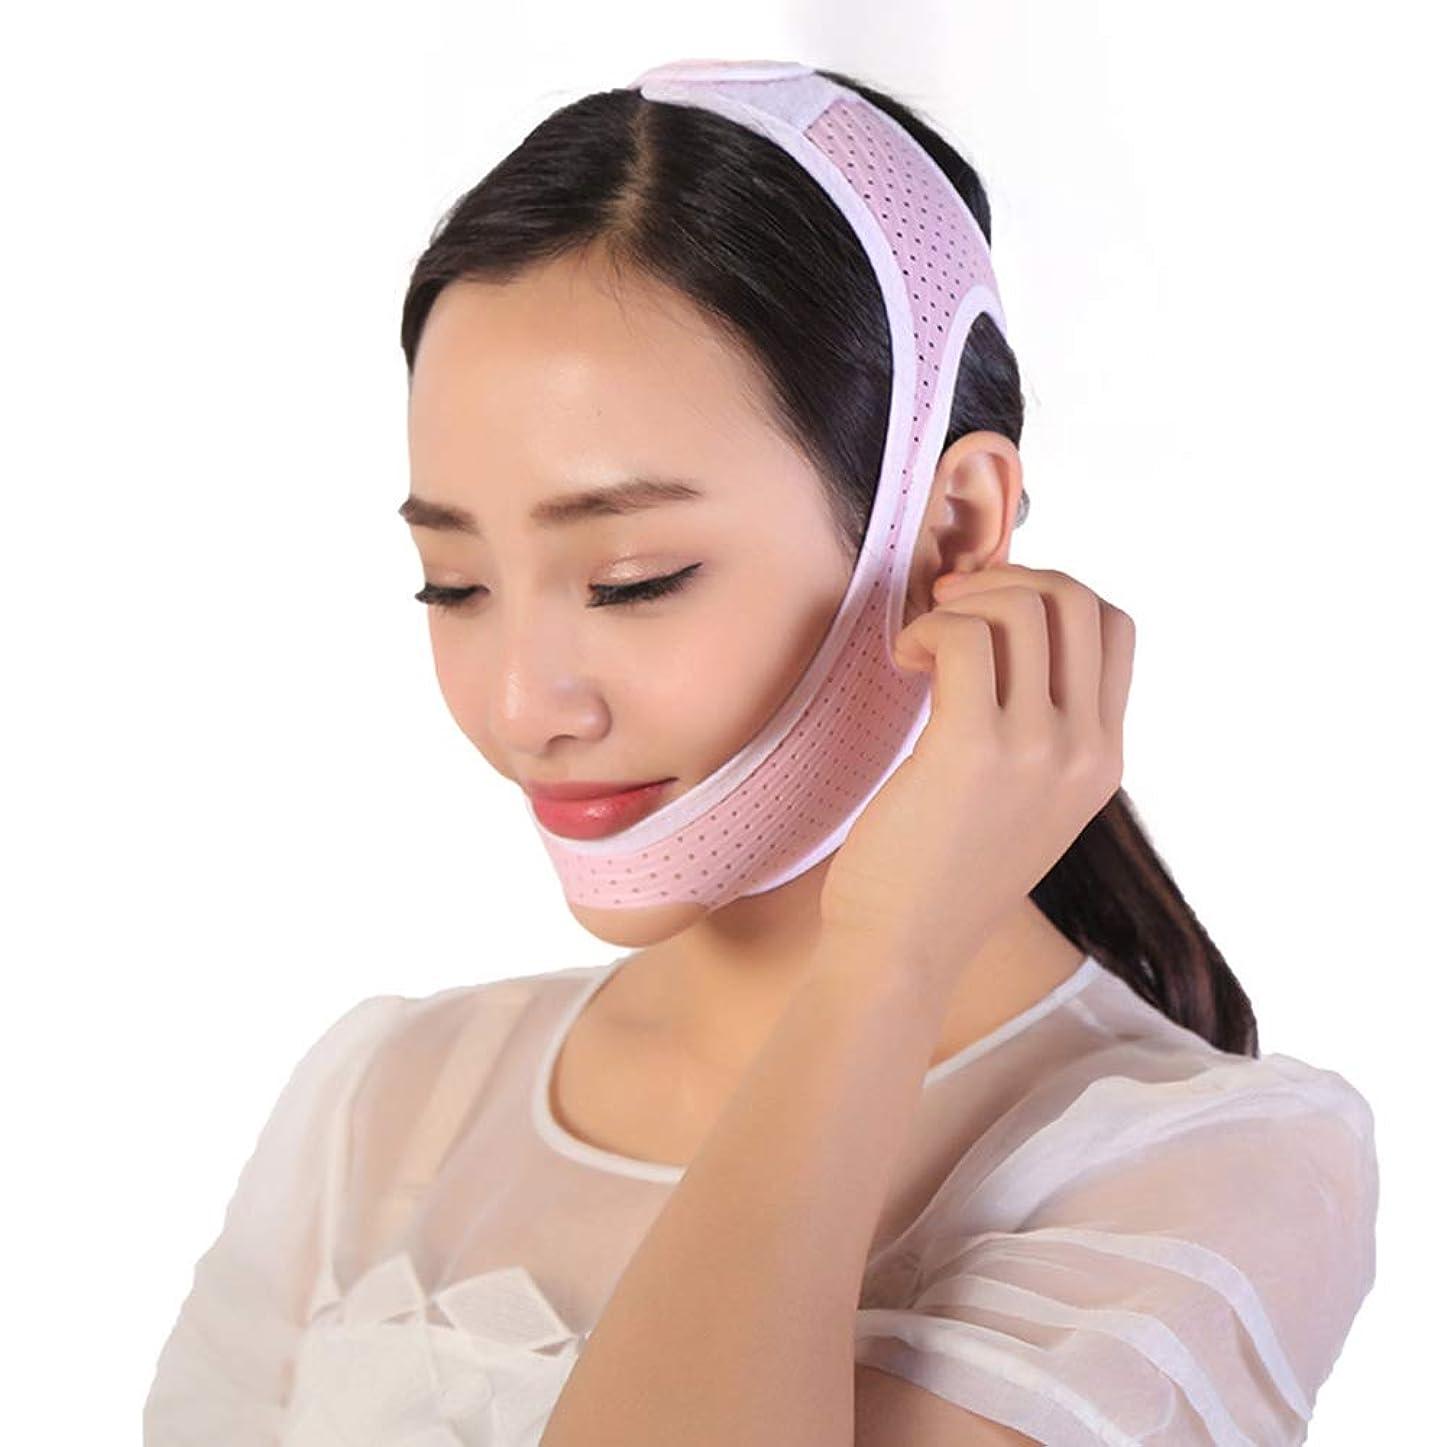 意味成長するスラム街GYZ フェイシャルリフティングスリミングベルト - 薄型フェイス包帯ダブルチンデバイスフェイシャルマッサージアンチエイジングリンクルフェイスマスクベルト Thin Face Belt (Size : L)